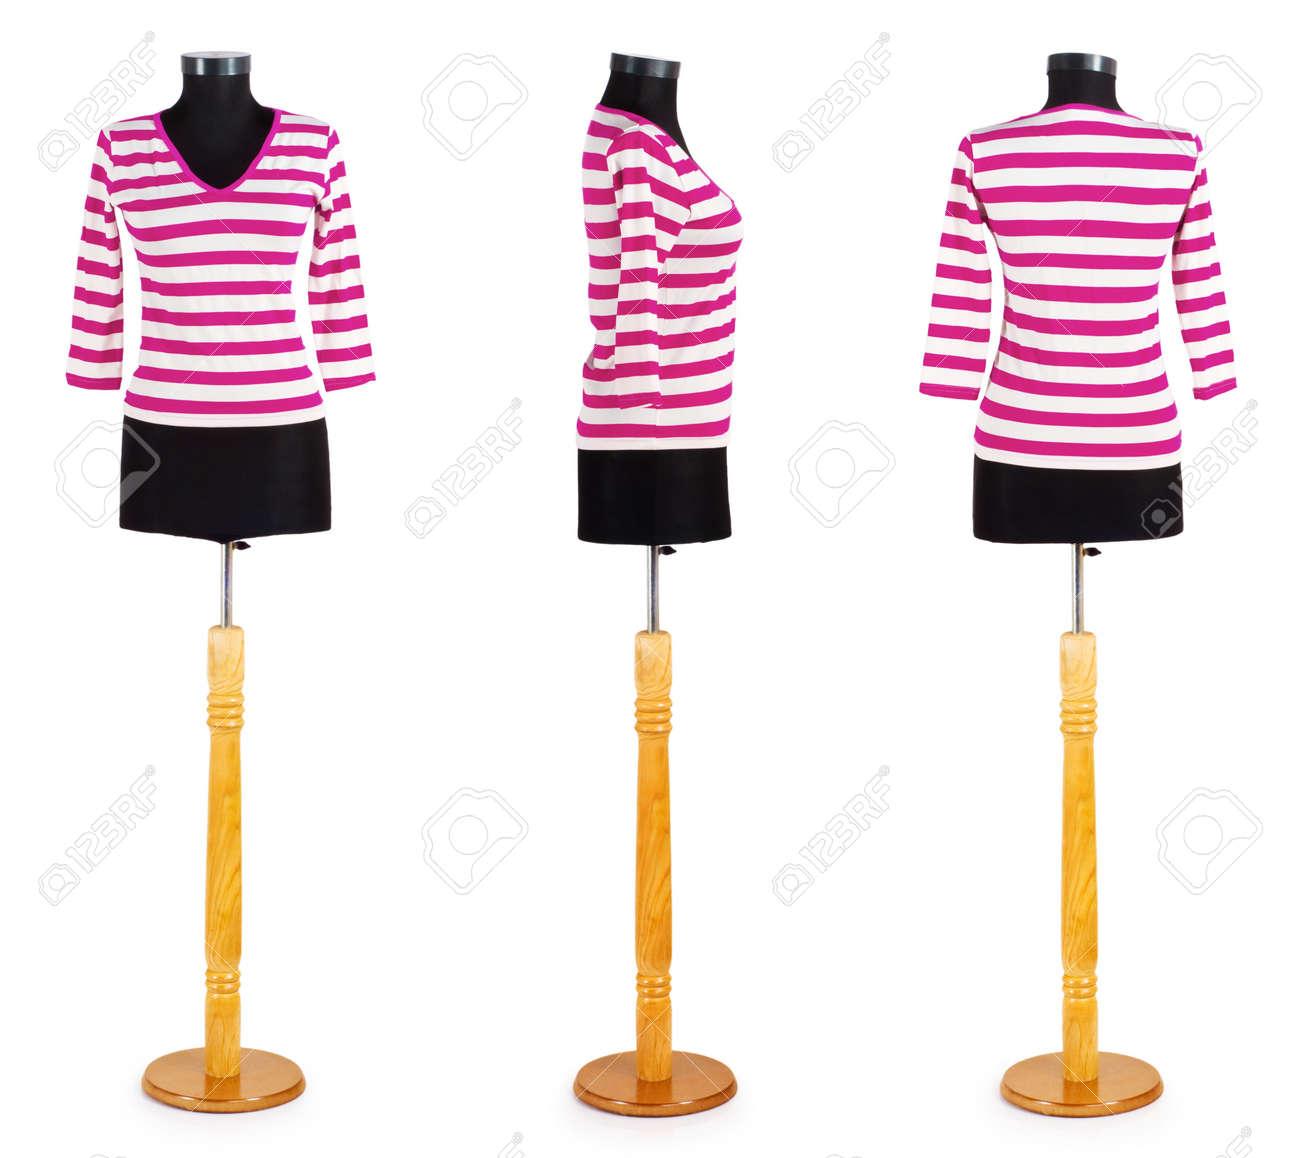 Stylish clothing isolated on the white background Stock Photo - 13012467